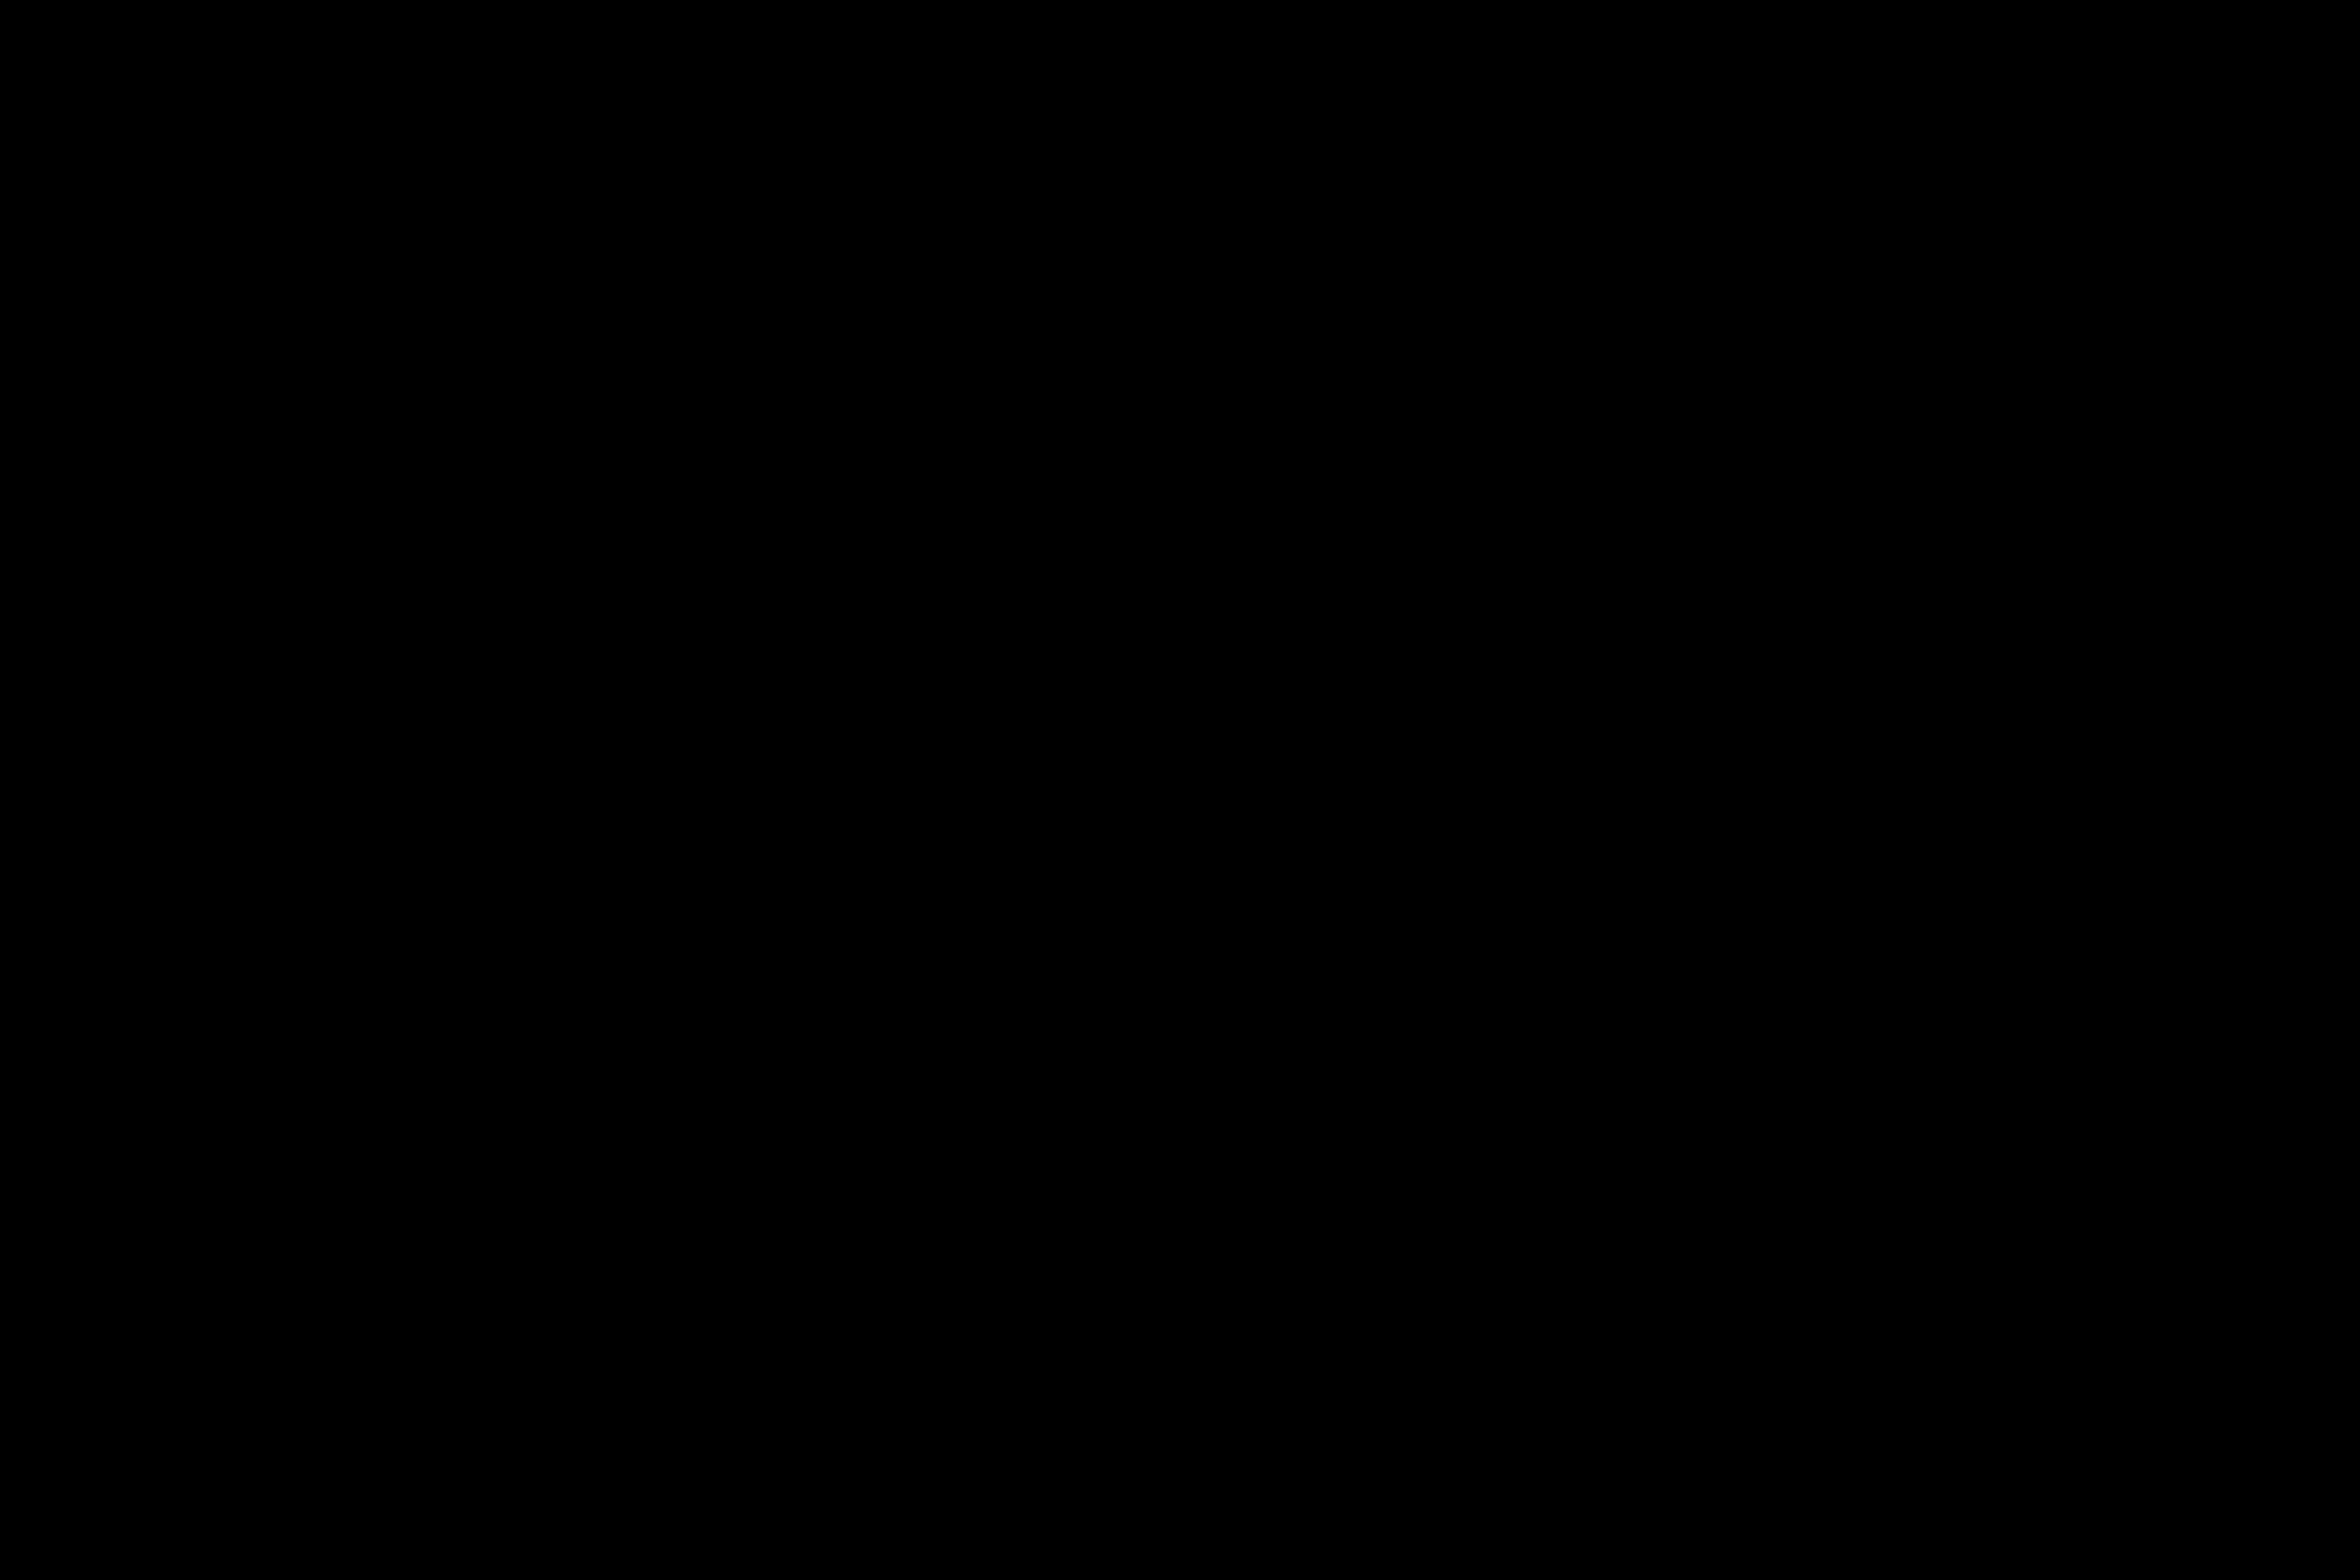 CAT WISDOM PLAQUE